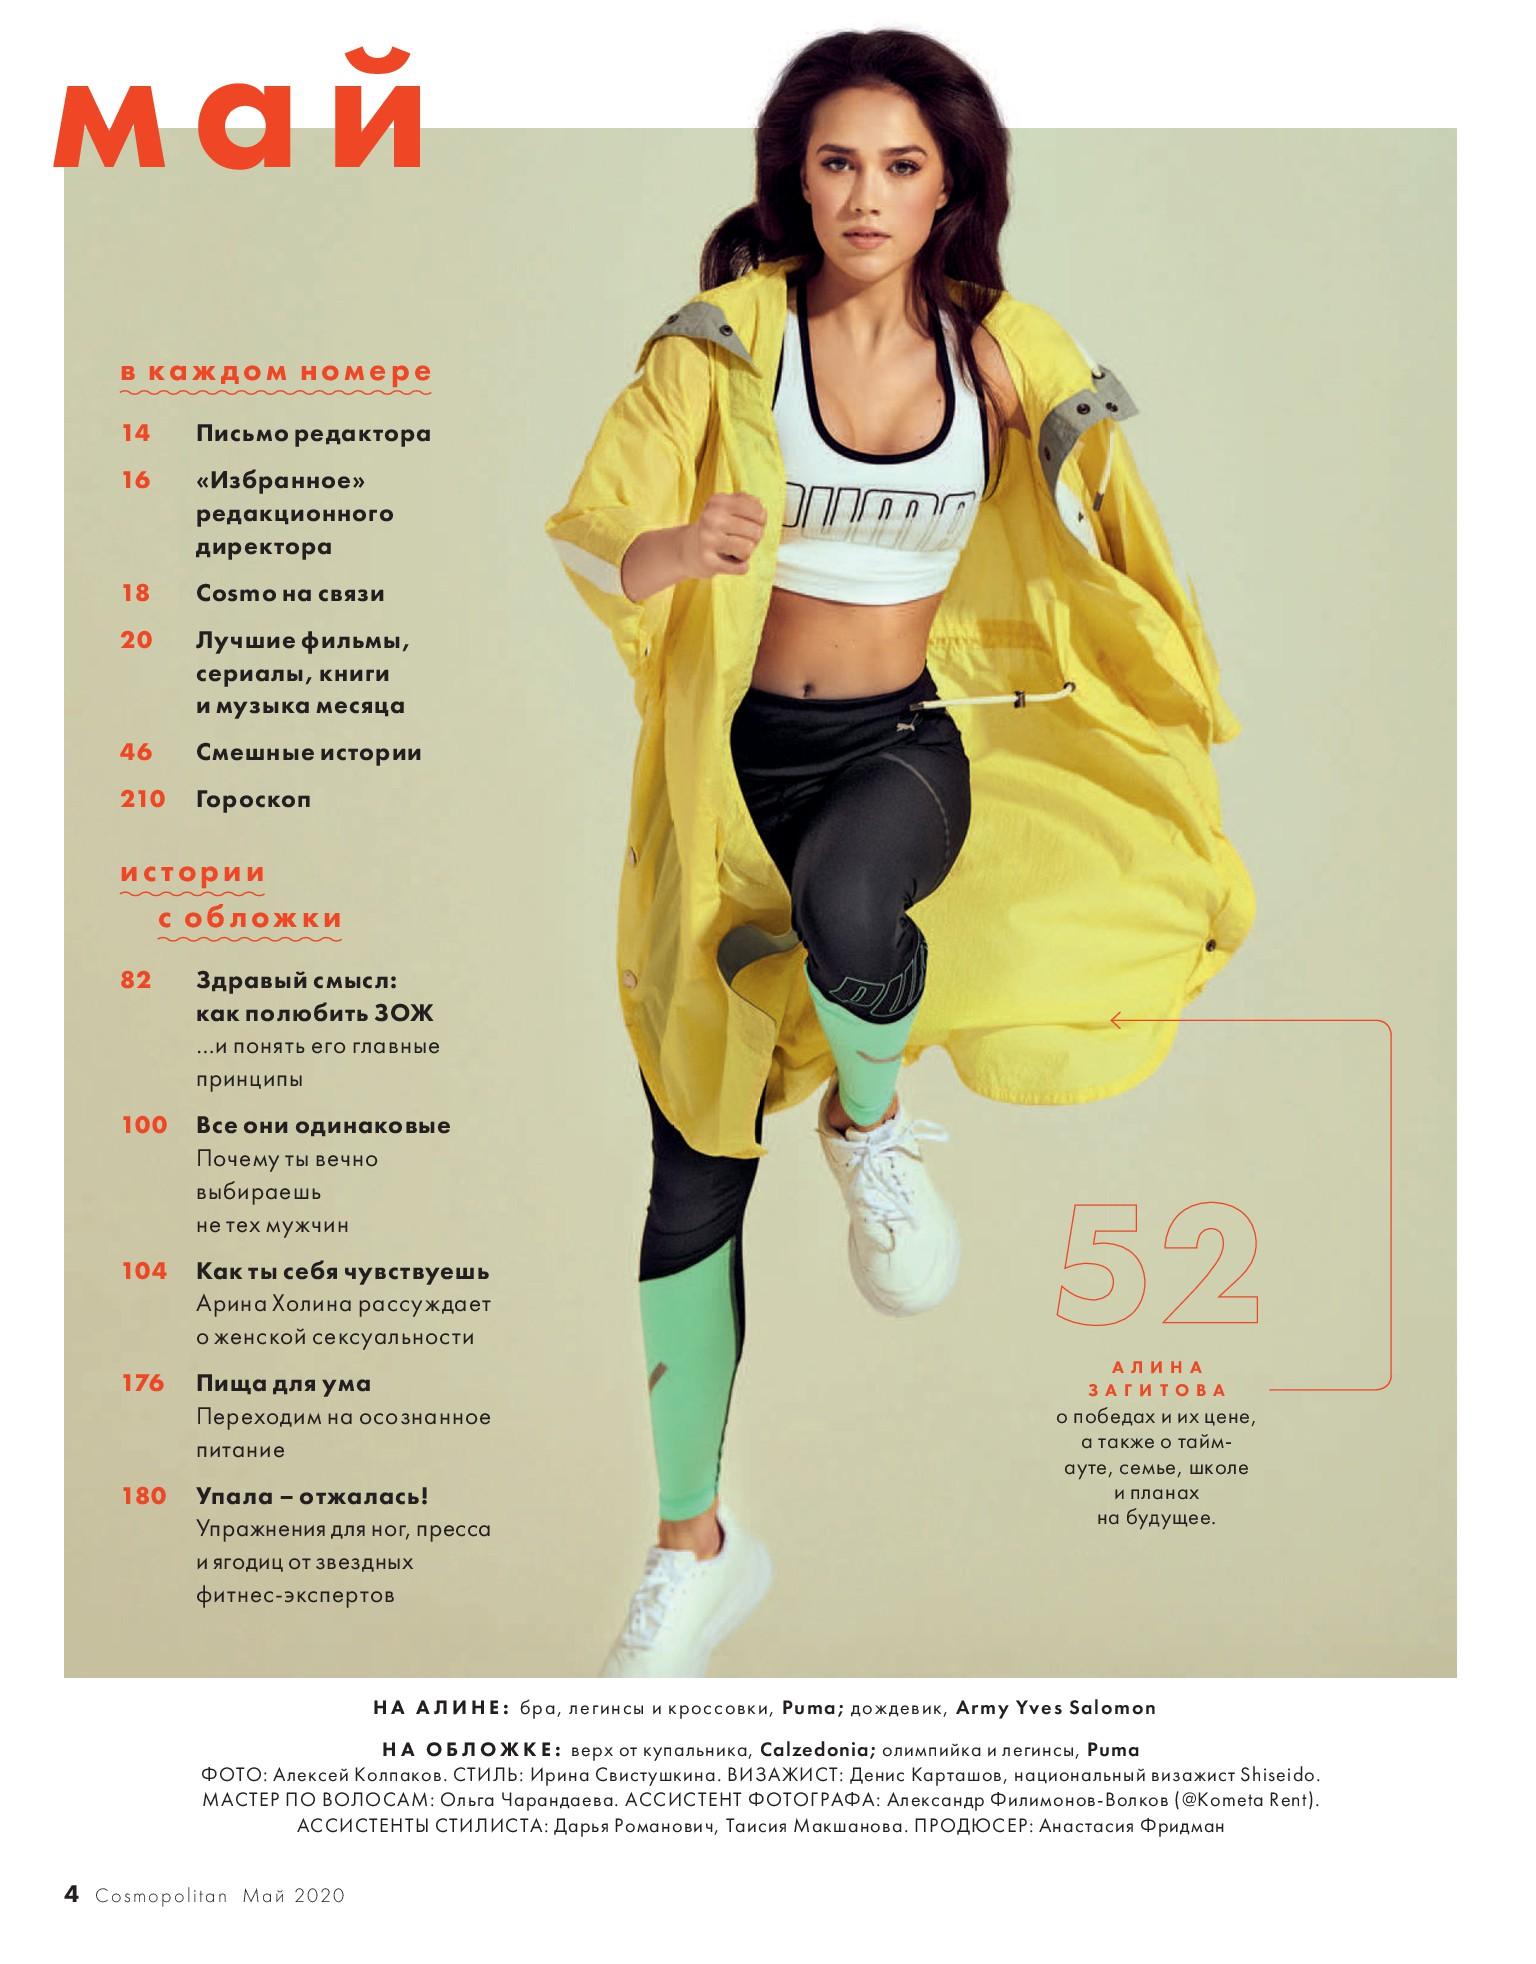 Алина Ильназовна Загитова-3 | Олимпийская чемпионка - Страница 6 TOJxfhvR1MU